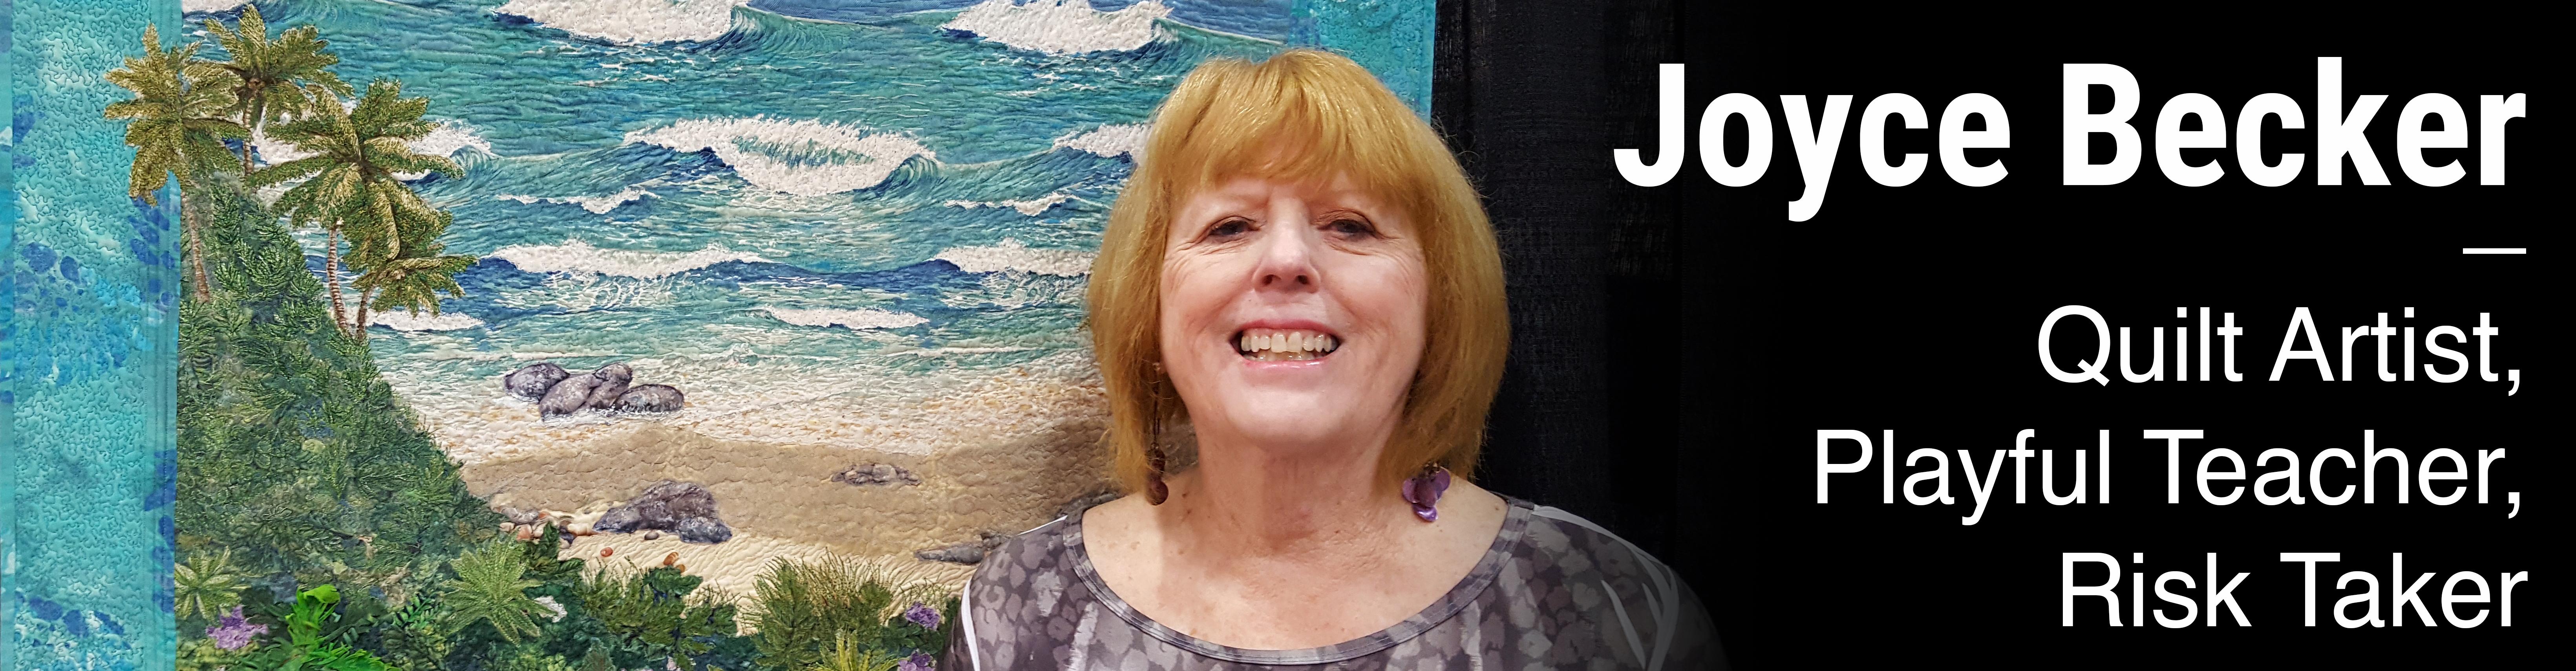 Joyce Becker Quilt Artist, Playful Teacher, Risk Taker